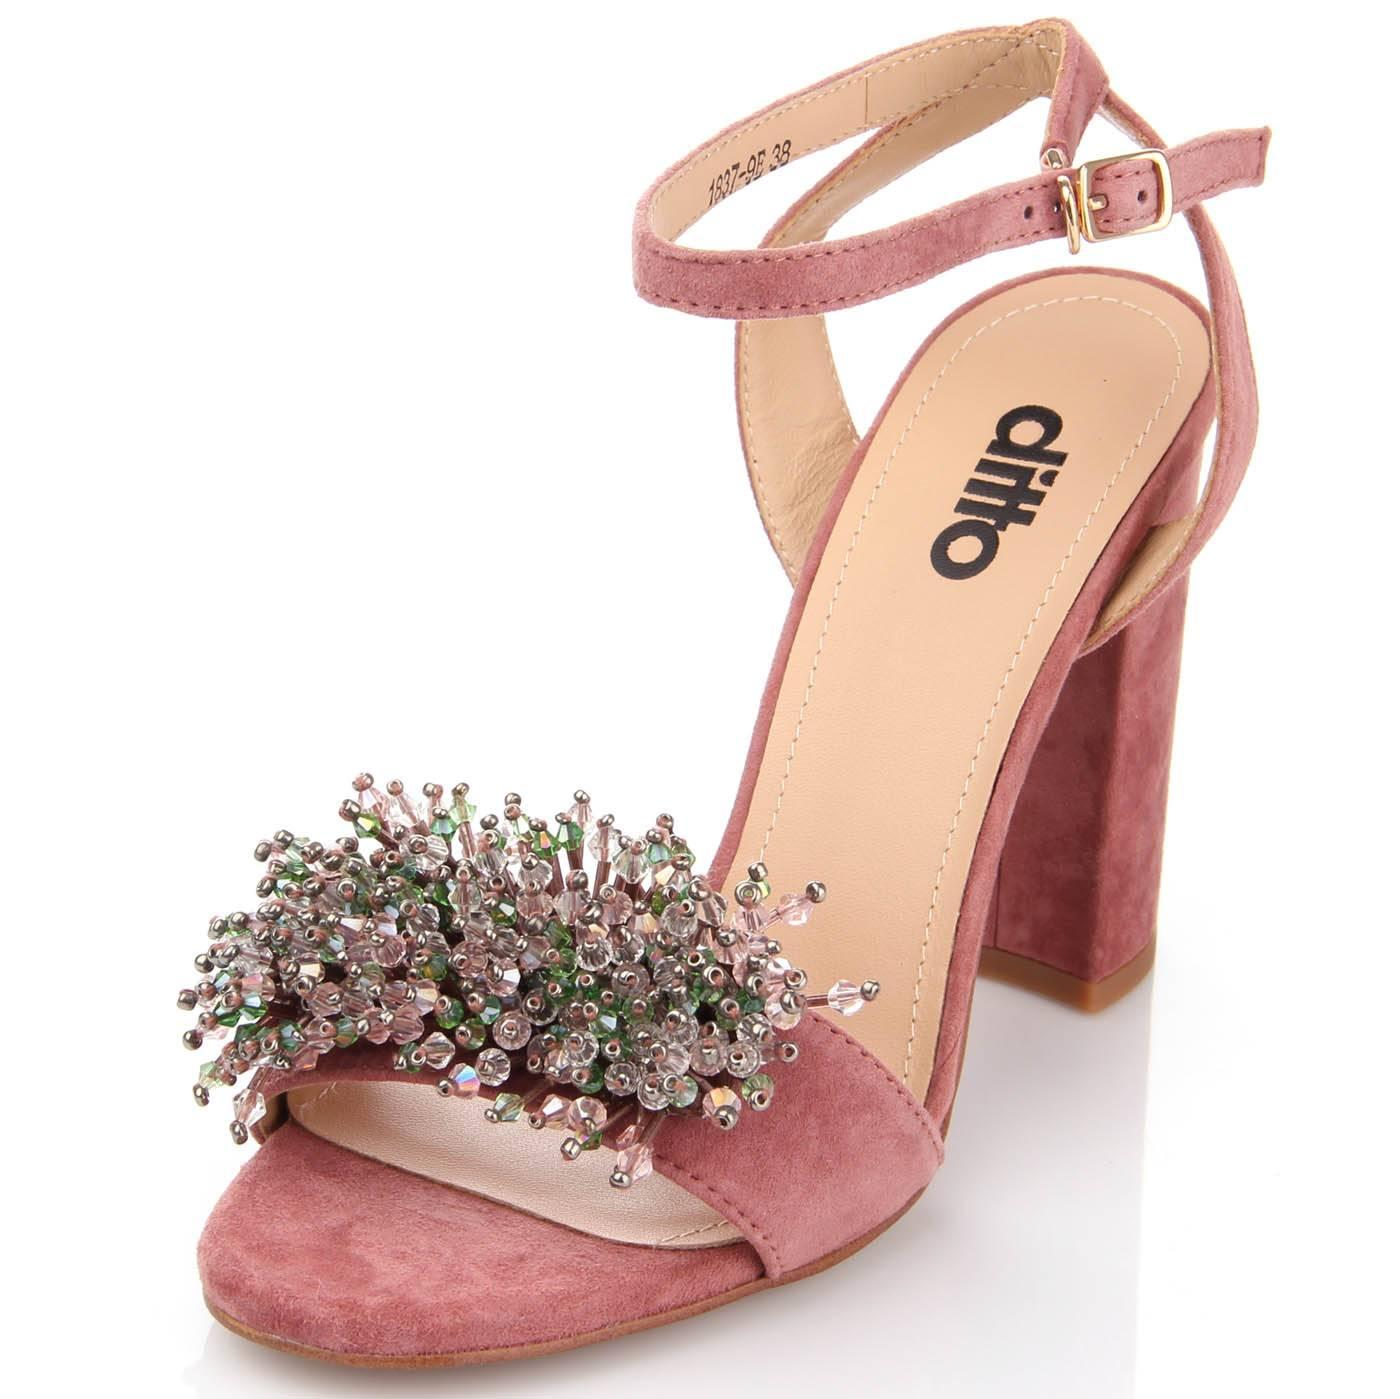 Босоніжки жіночі ditto 6599 Рожевий купить по выгодной цене в ... a2182098d8d9d